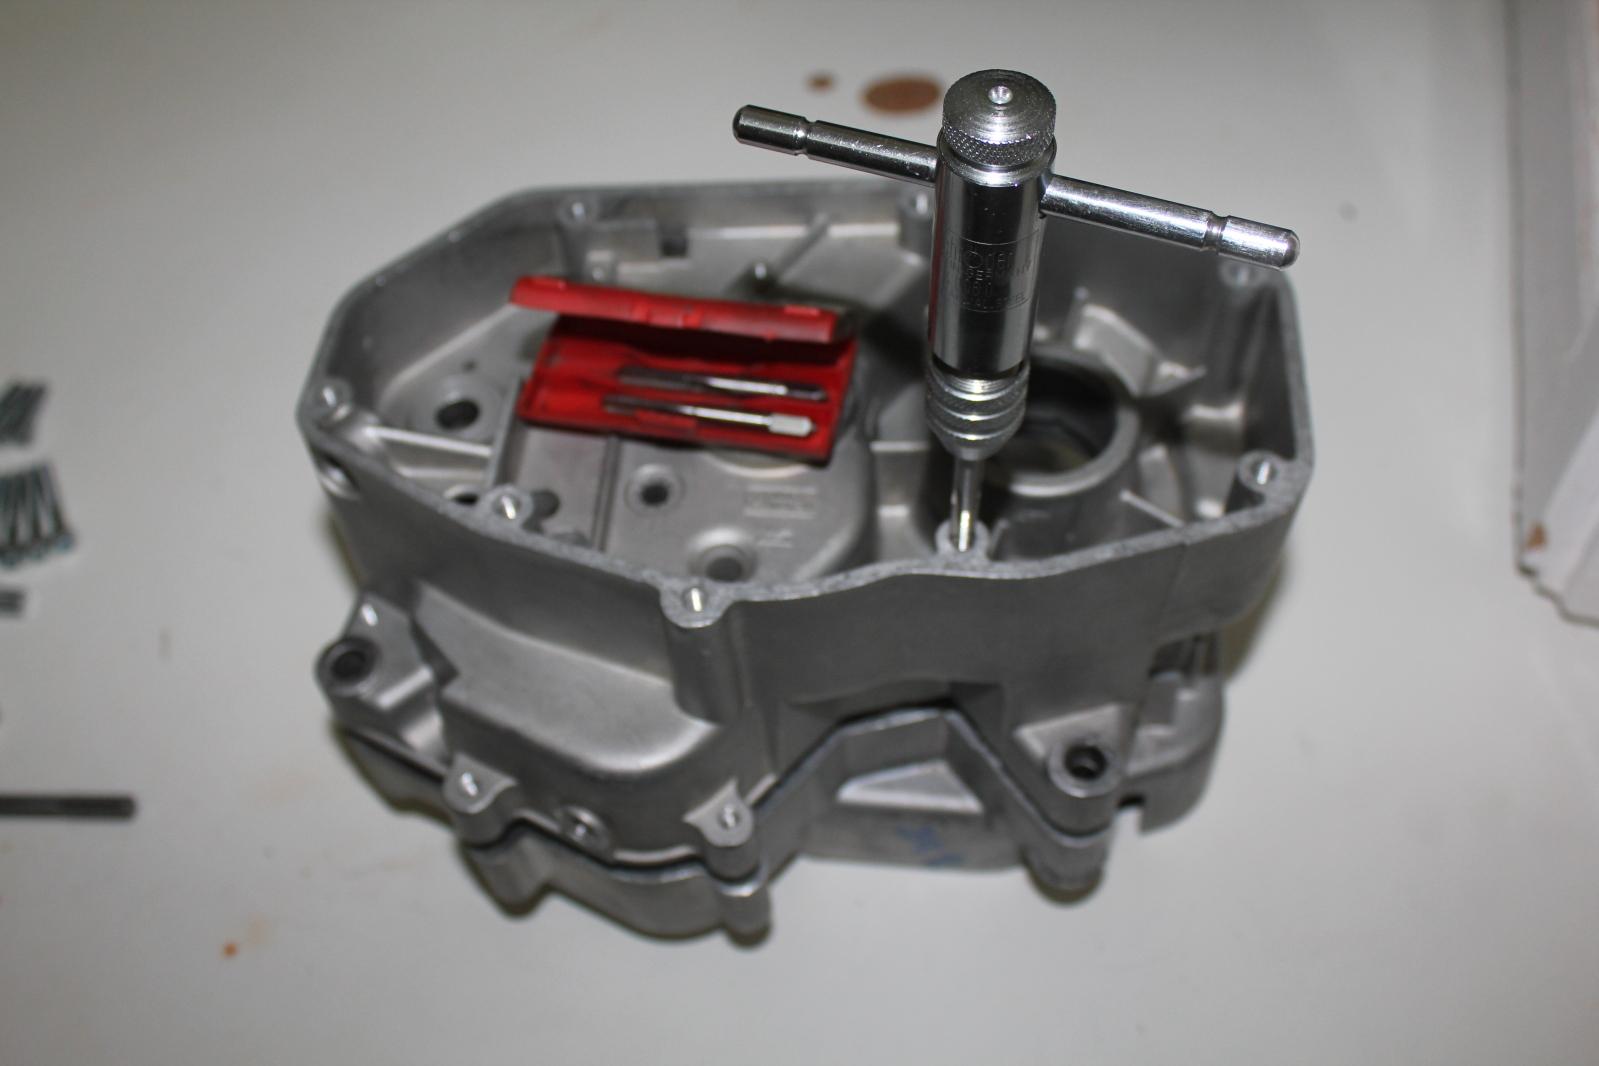 Mejoras en motores P3 P4 RV4 DL P6 K6... - Página 3 16kpb2c